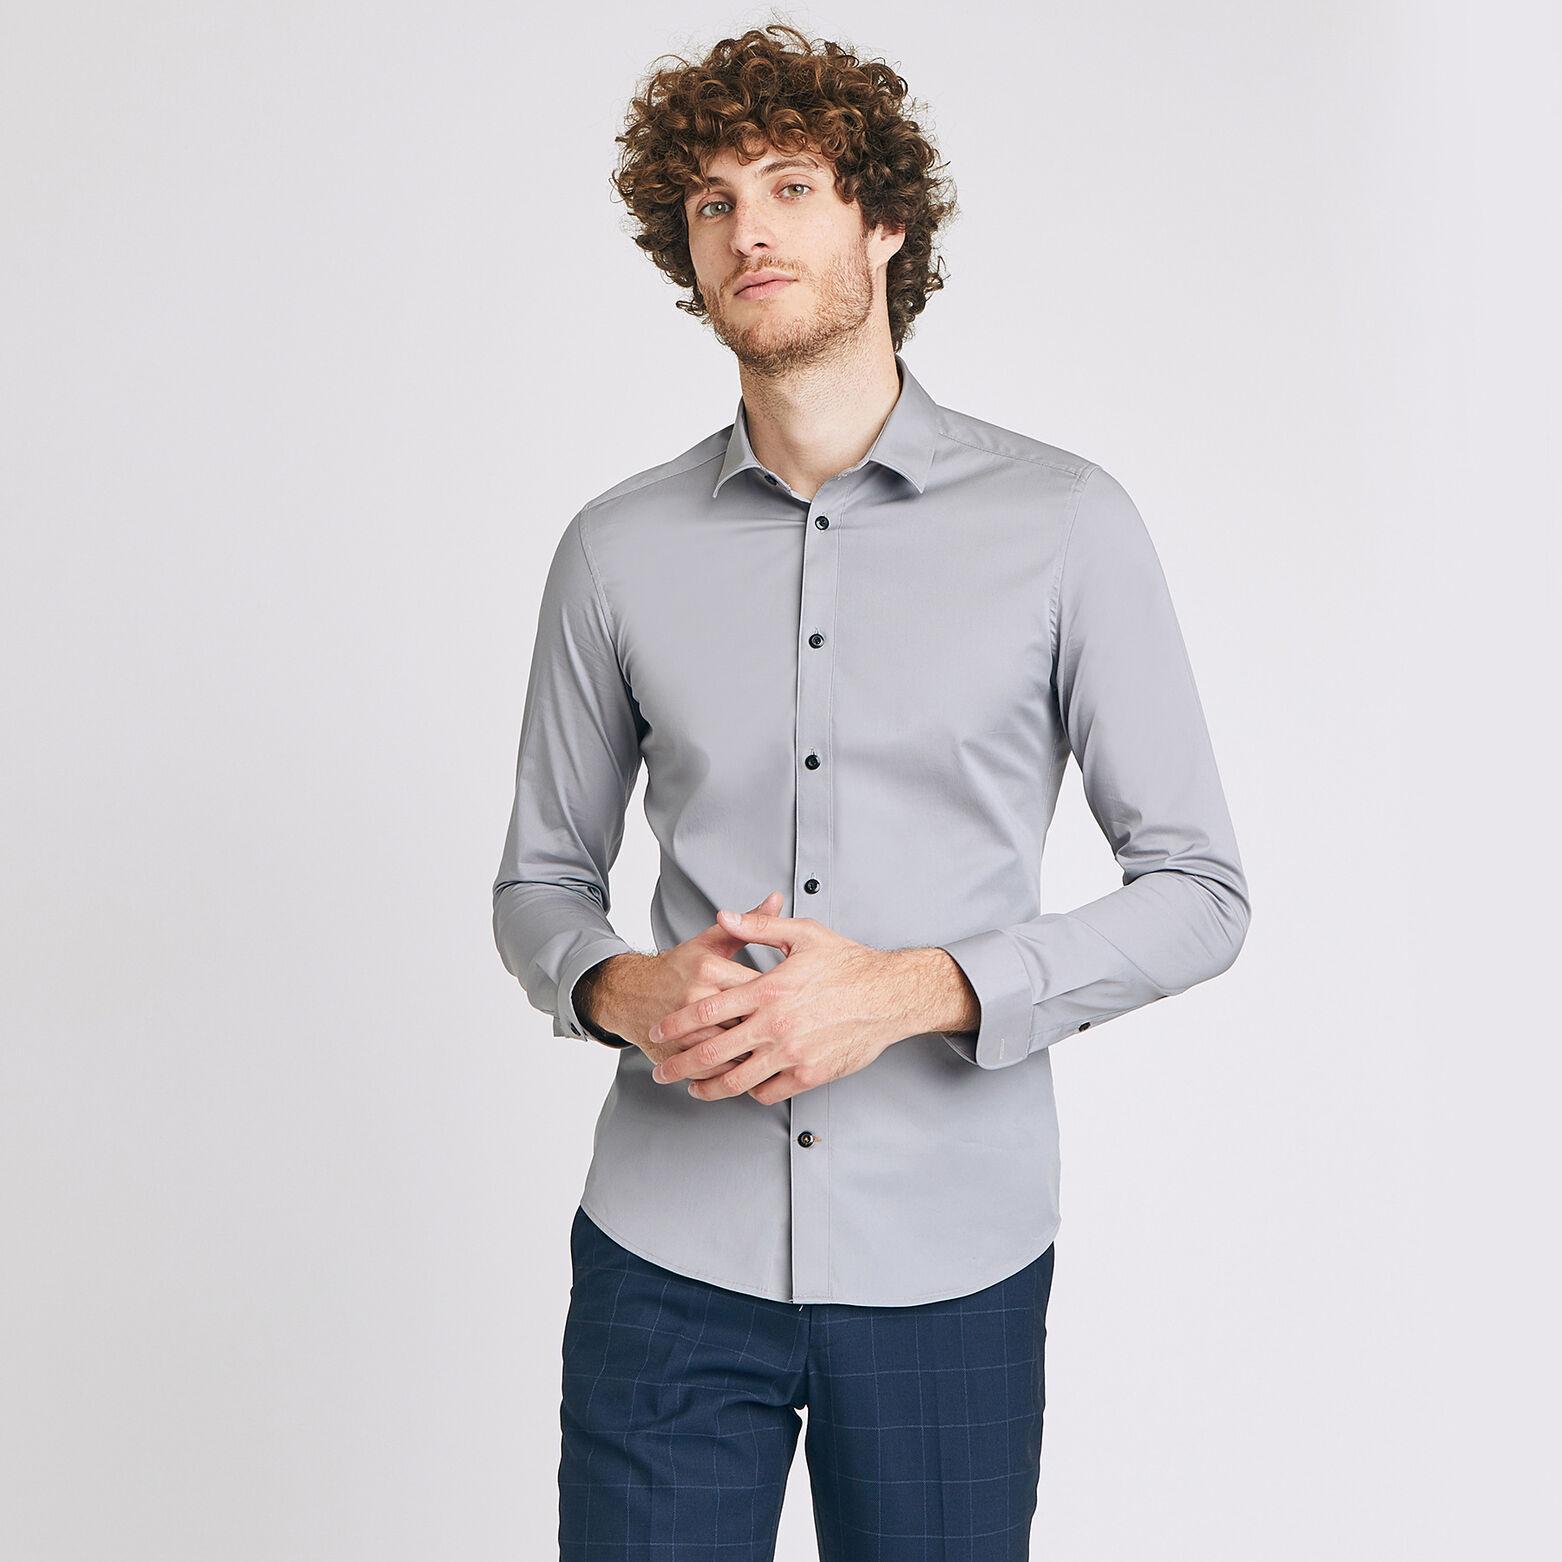 Sélection de chemises Jules en soldes à 9€ - Ex: Extra slim unie coton Gris Clair (Taille XXL)